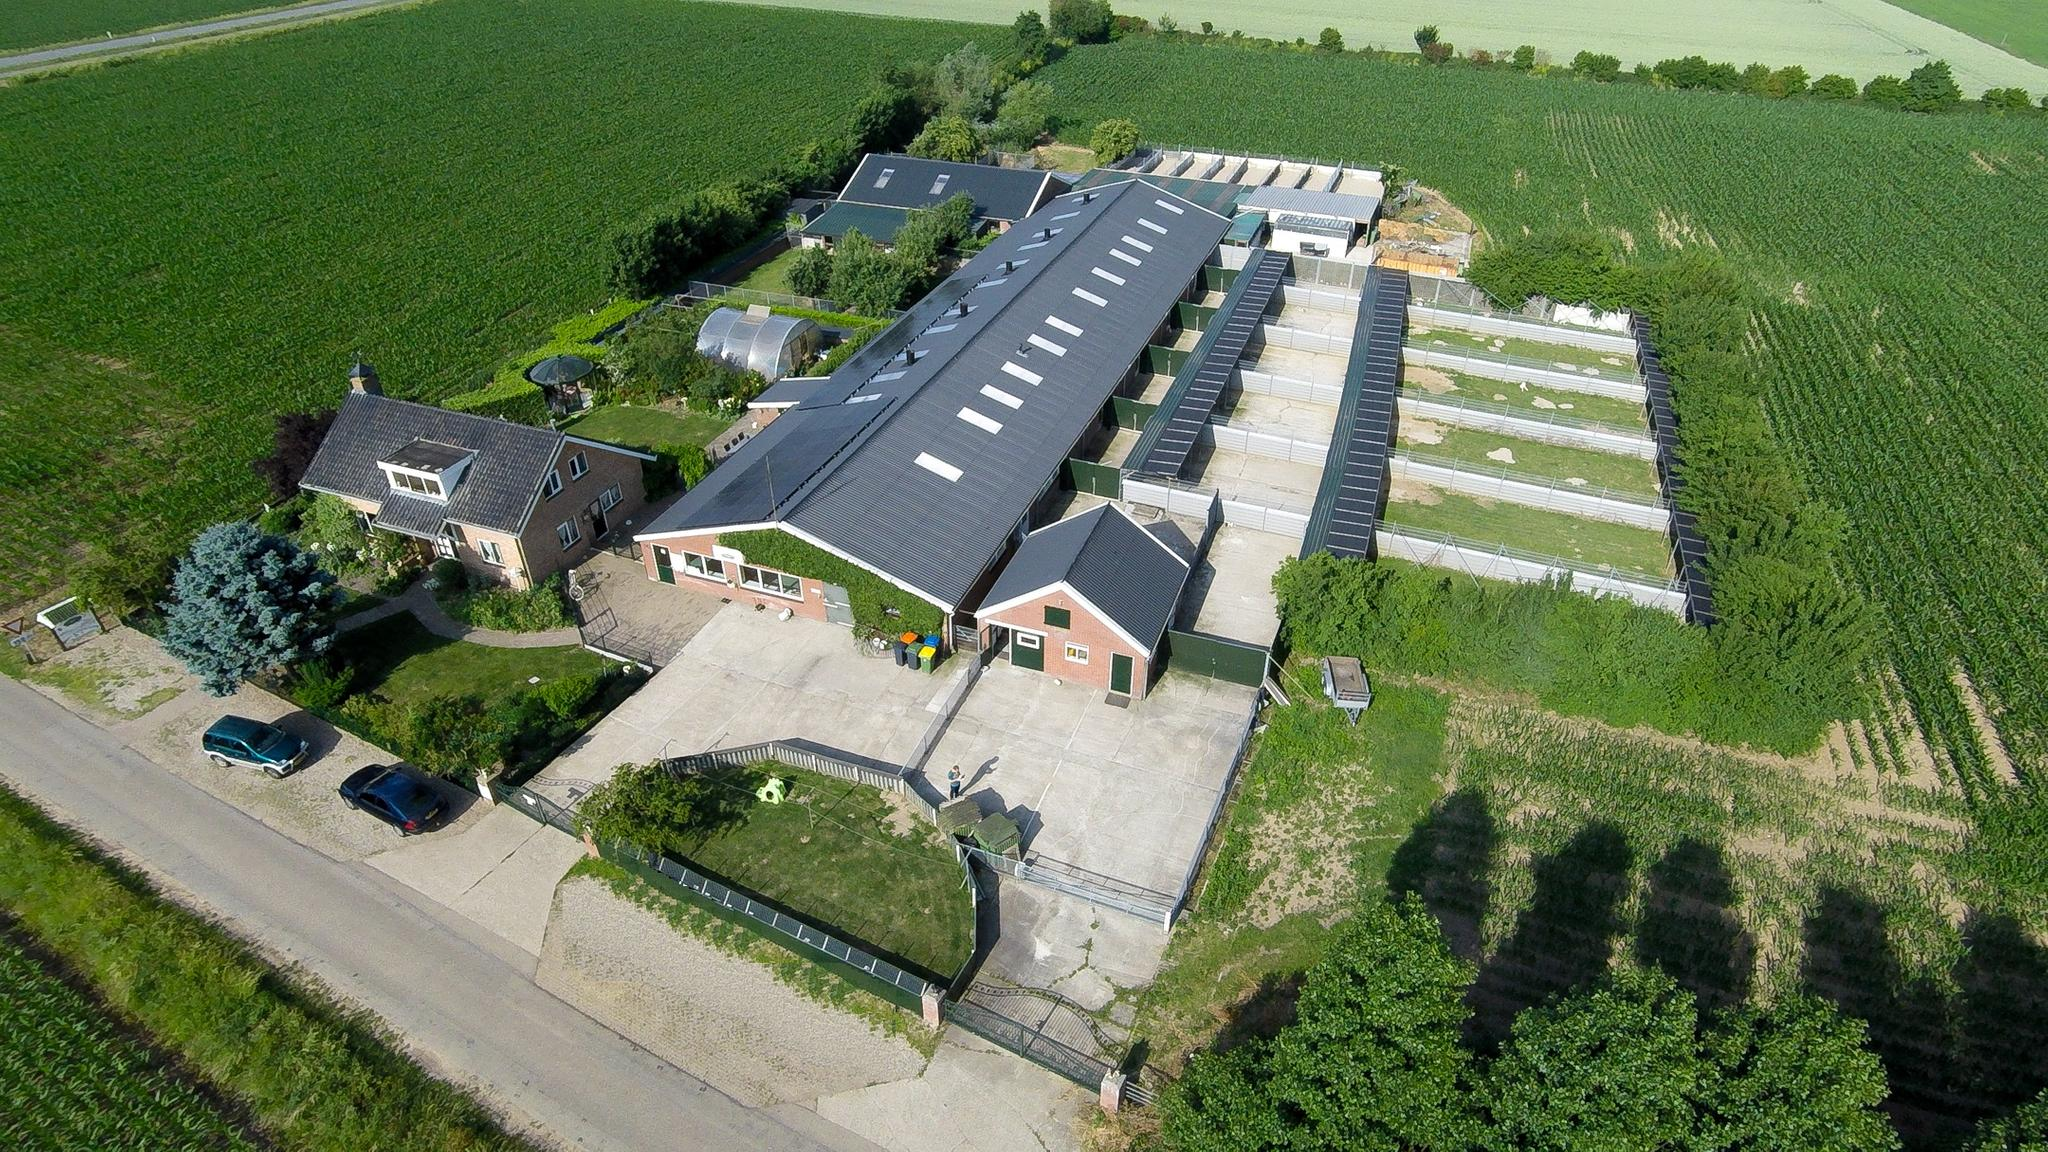 Hesterweg 5 a in varsselder 7076 aw overig te koop for Agrarisch bedrijf te koop gelderland